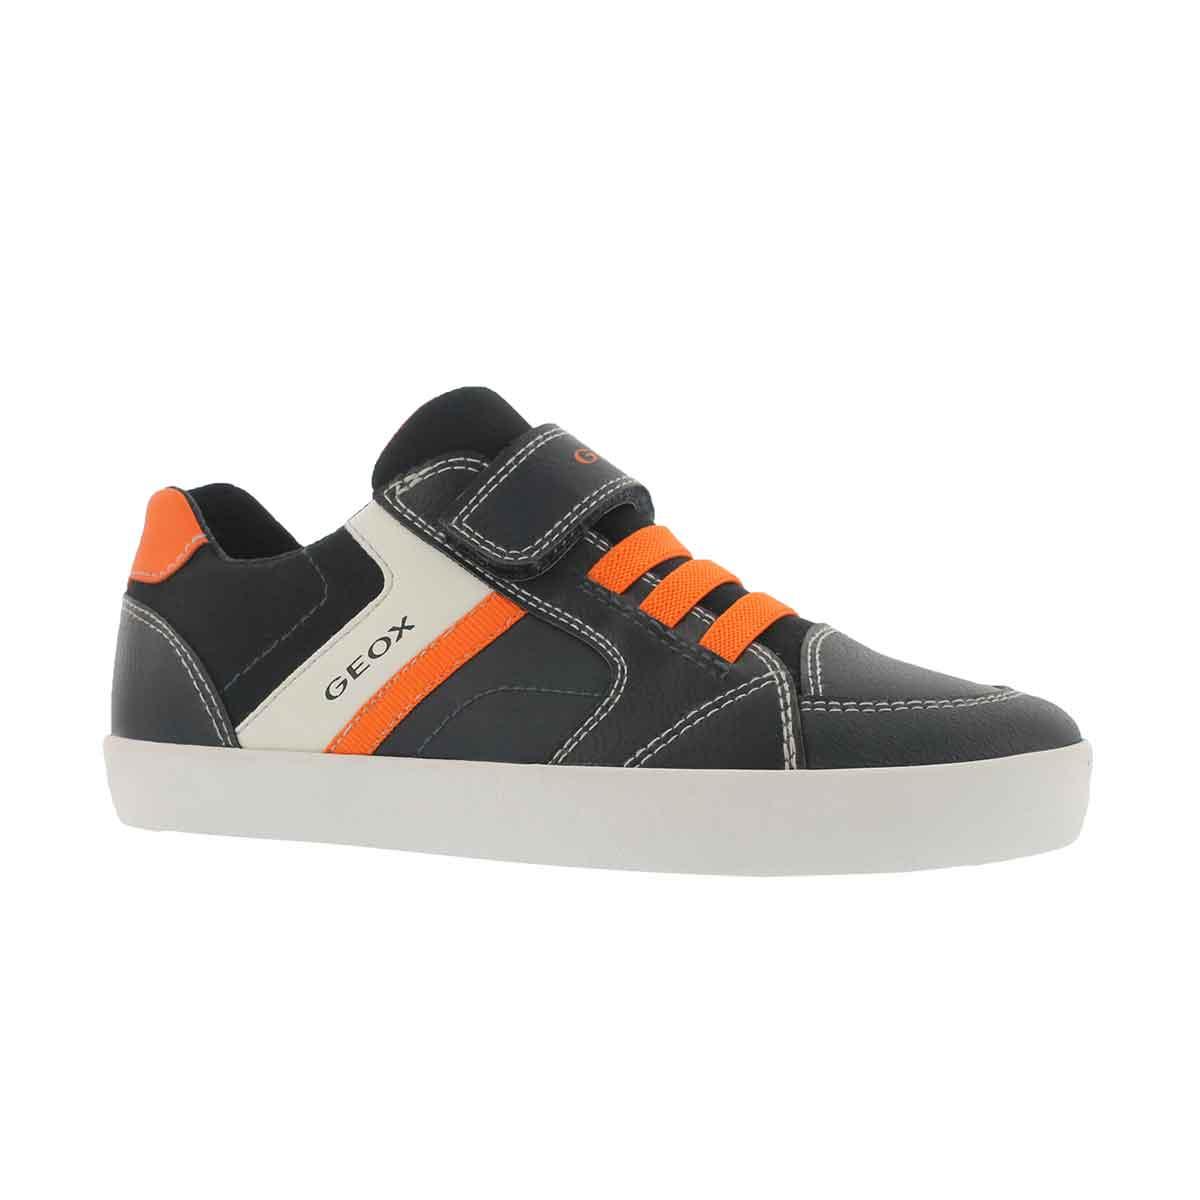 Bys J Gisli nvy/org sneaker